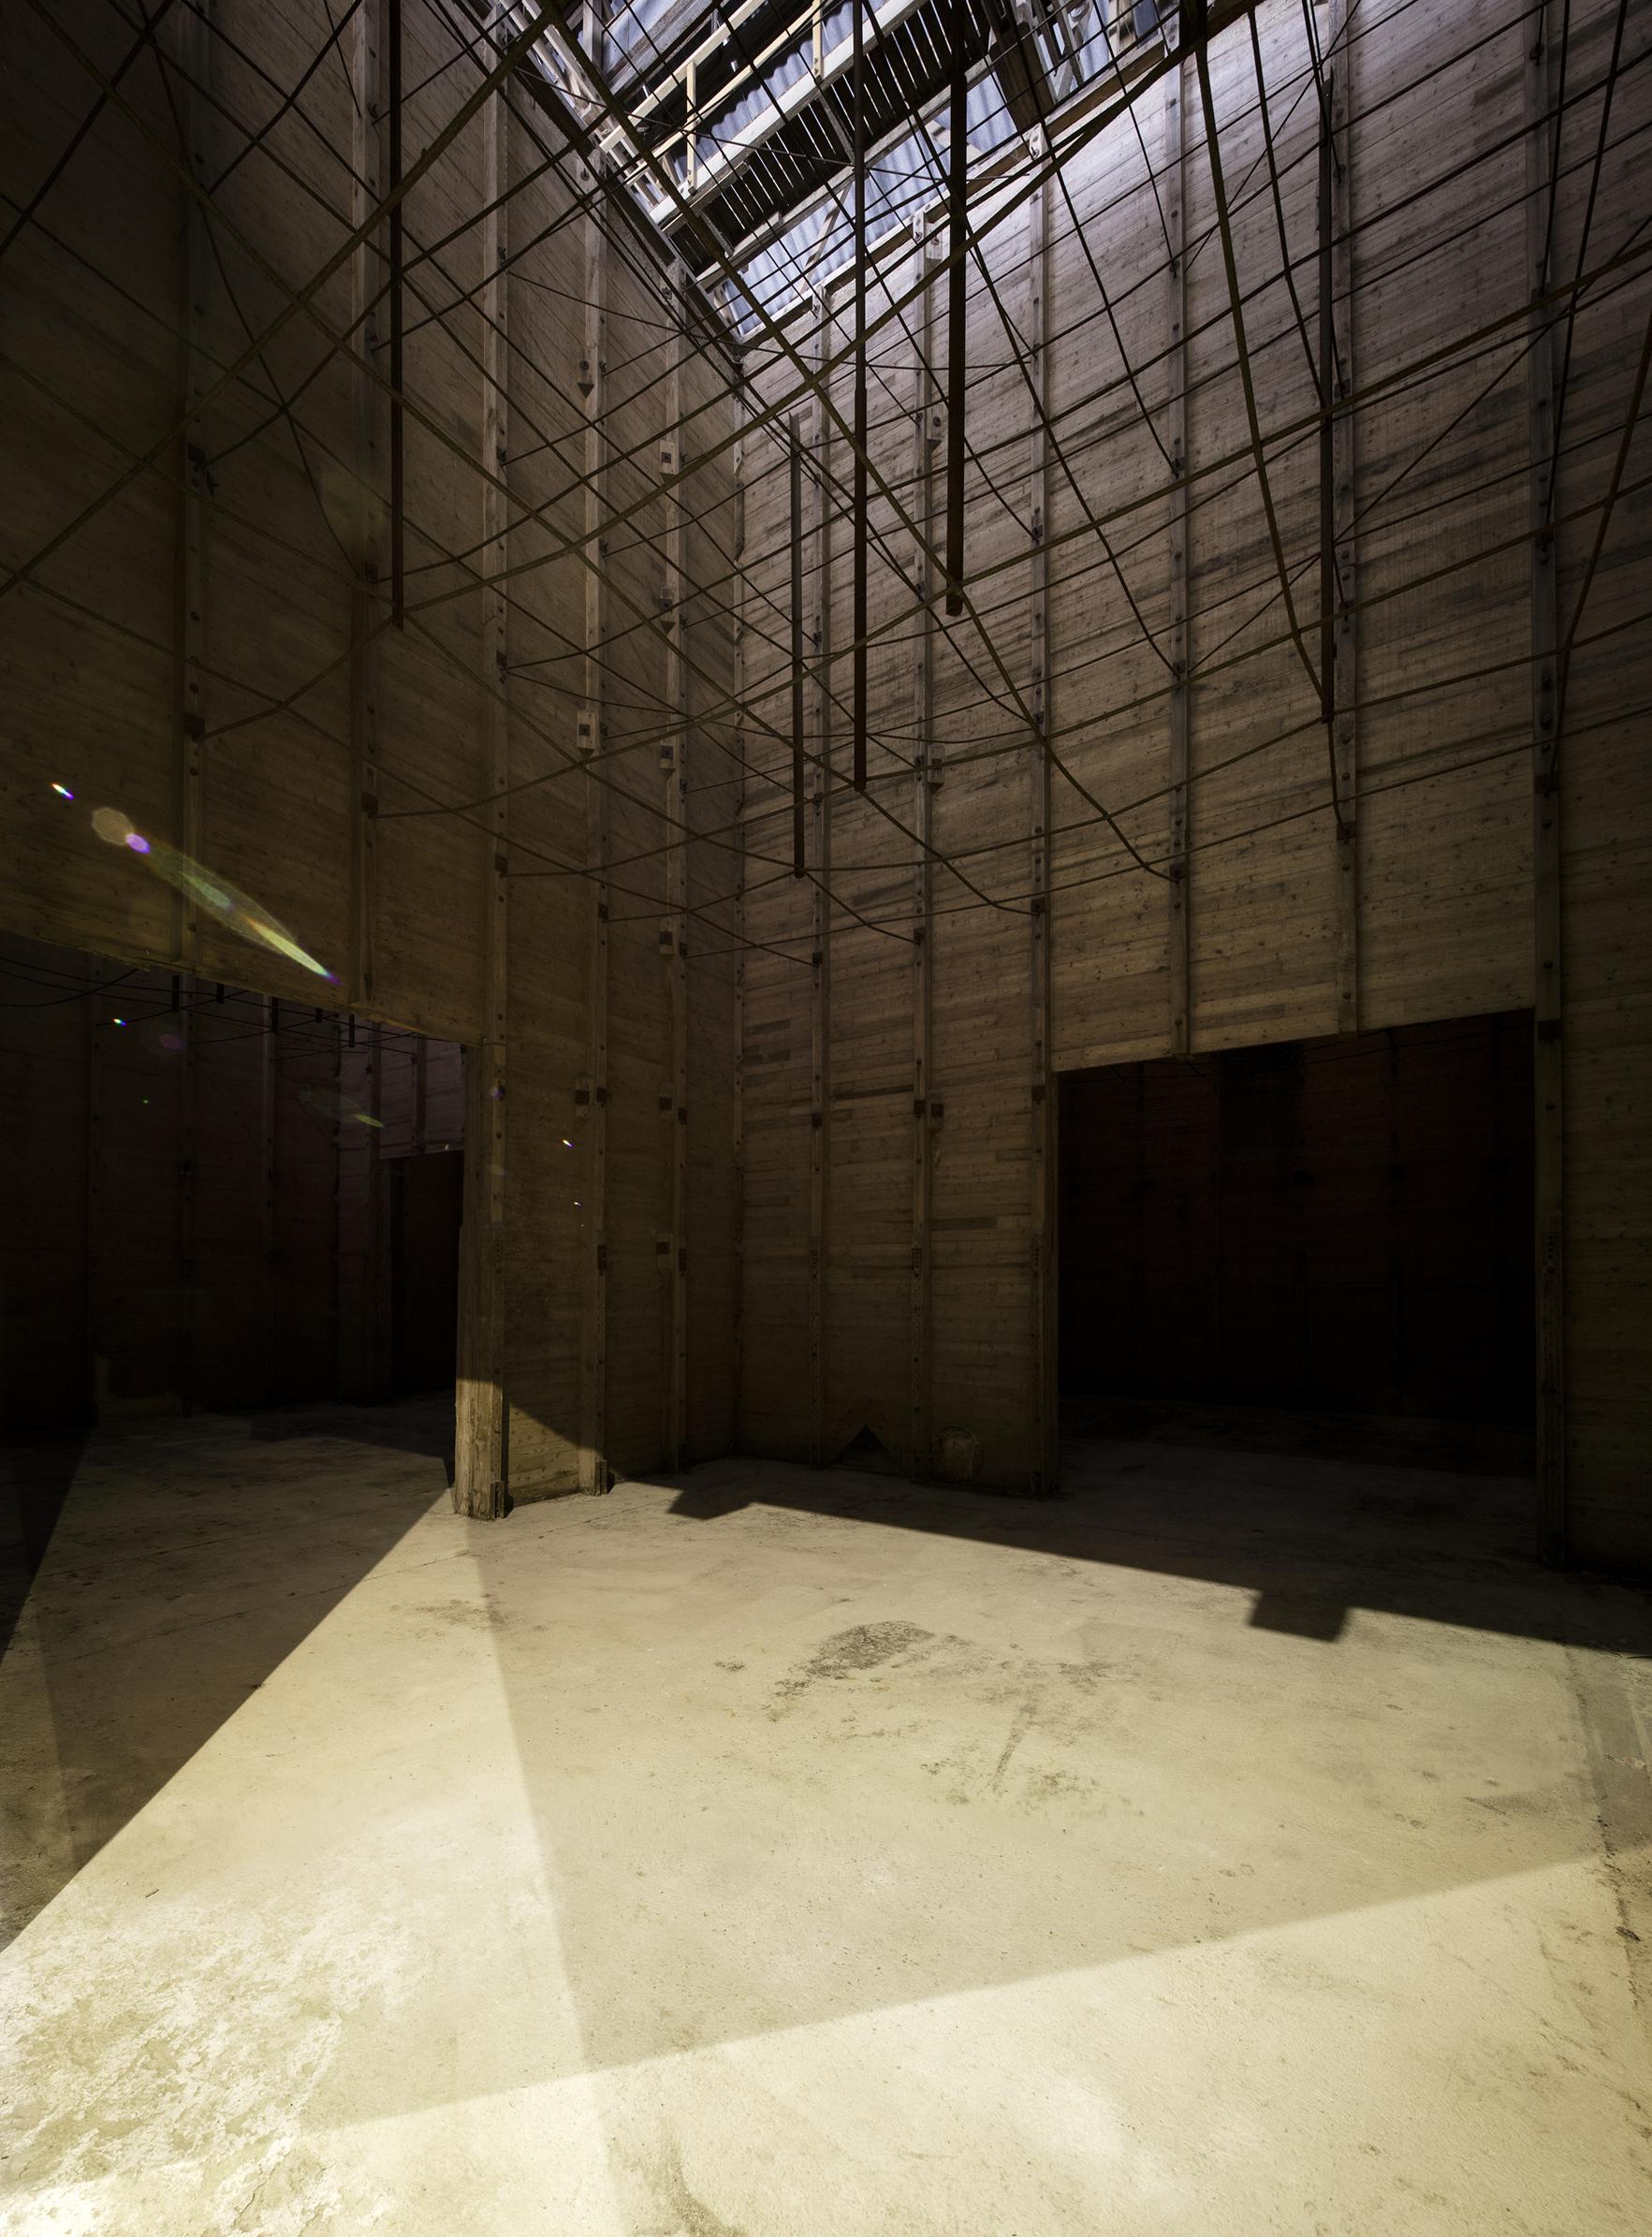 Le CNAC 03 - Friches + Culturel - Caractère Spécial Matthieu Poitevin Architecture